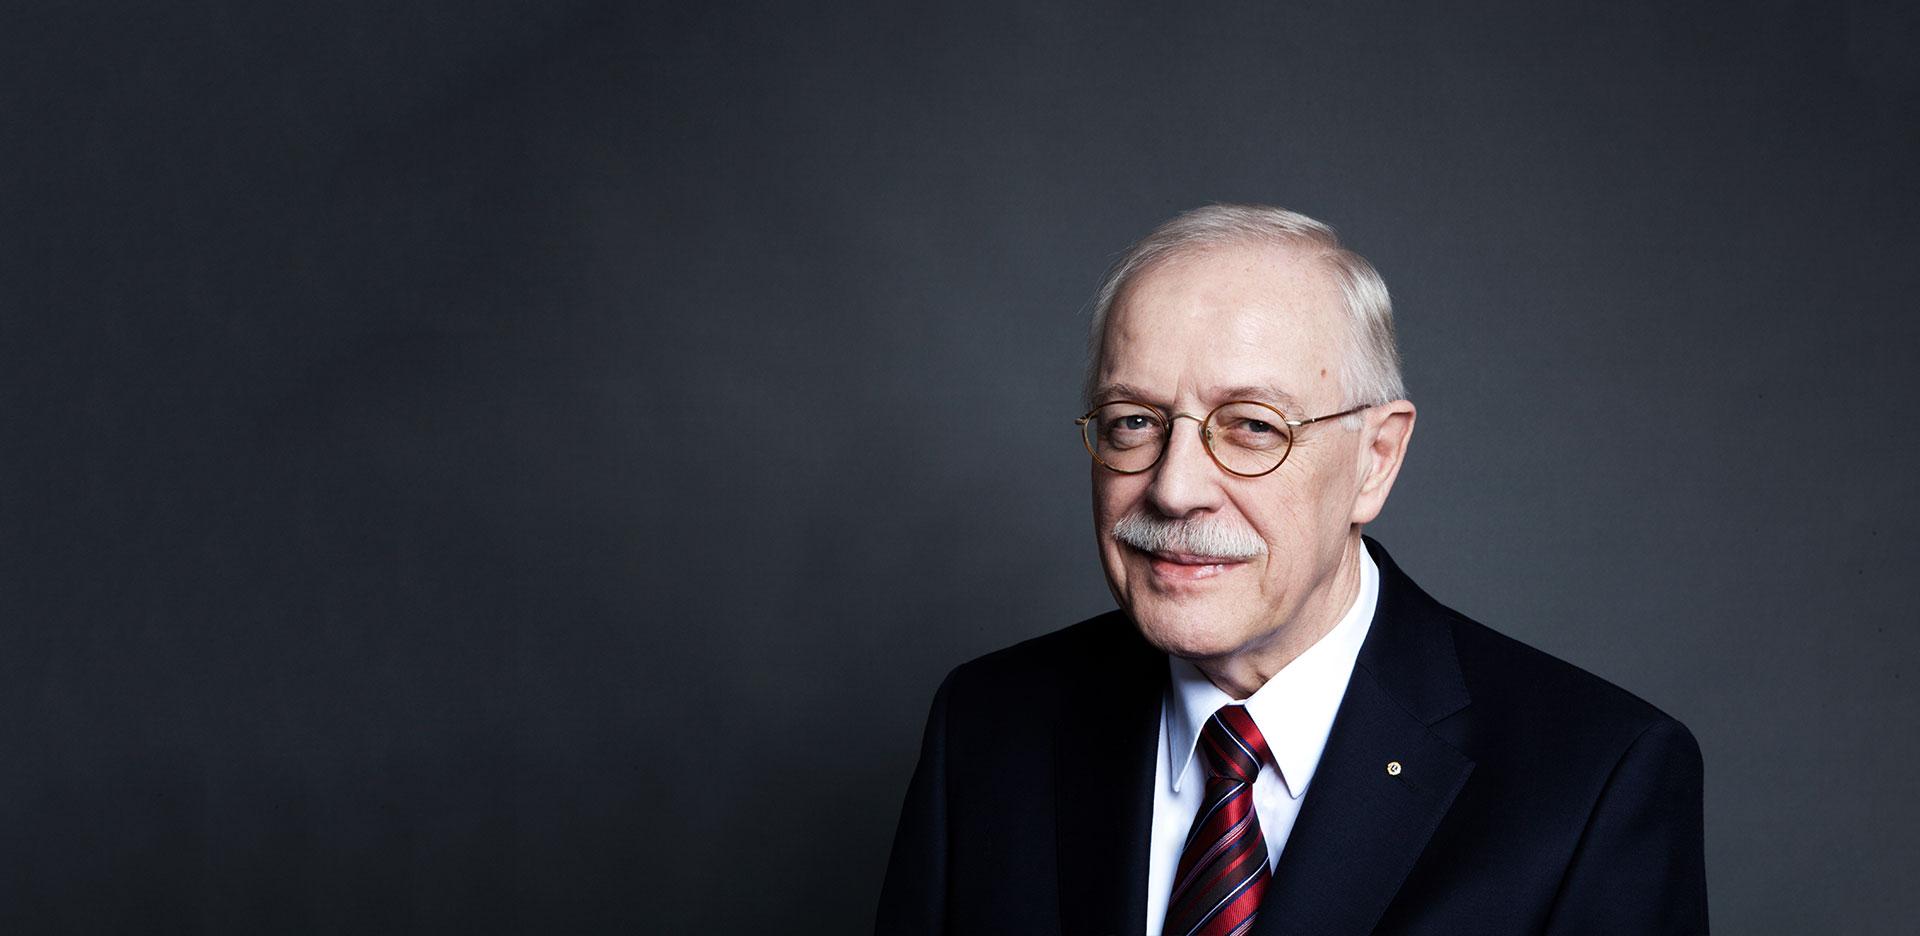 Lutz G. Voß